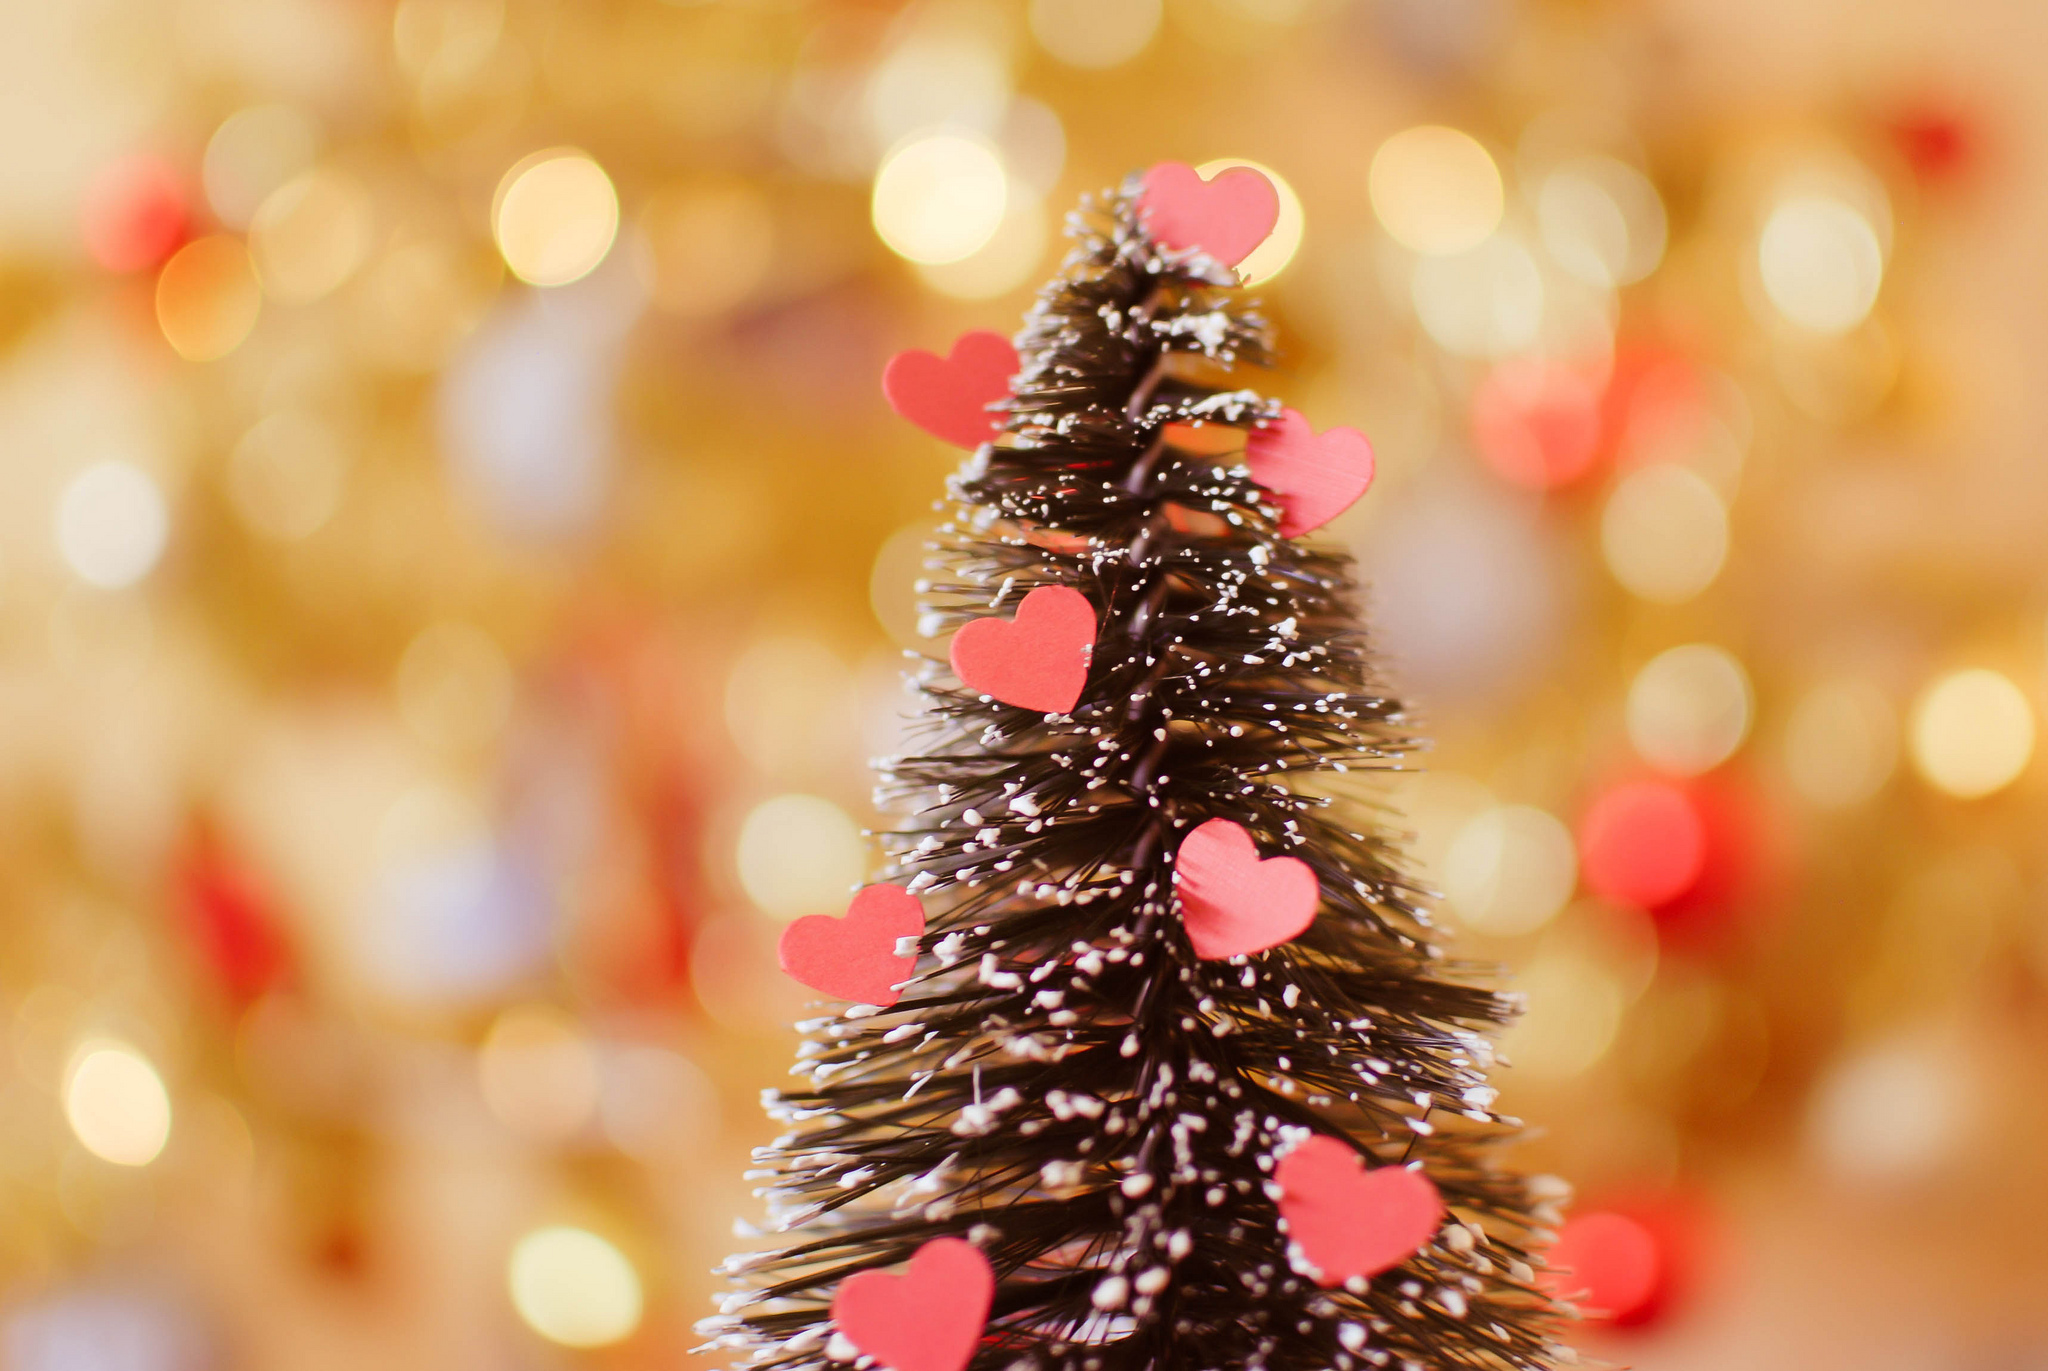 метели новый год фото на рабочий стол сердечками стоп-кадры одних